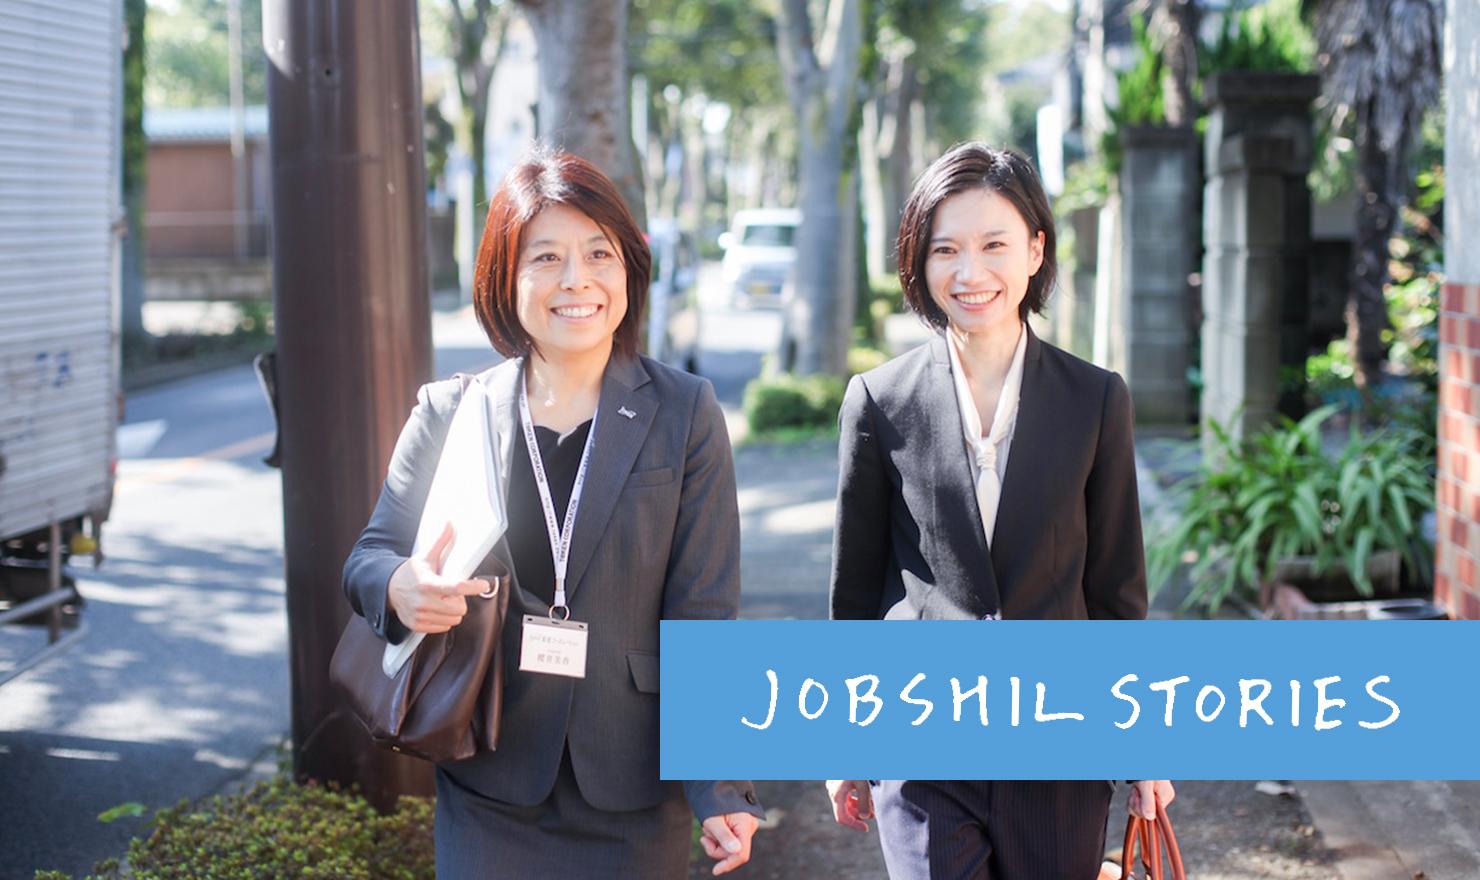 女性だからこそ活躍できる!転職ナコウドが営業職を体験してきました|東建コーポレーション【PR】